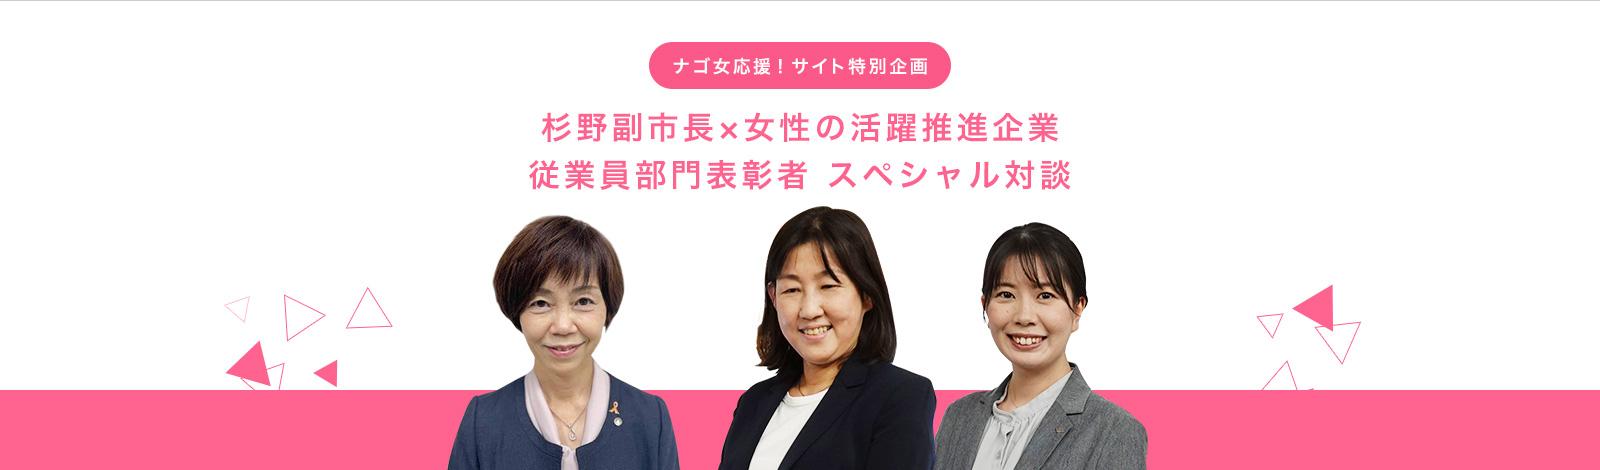 ナゴ女応援!サイト特別企画 杉野副市長×女性の活躍推進企業 従業員部門表彰者 スペシャル対談